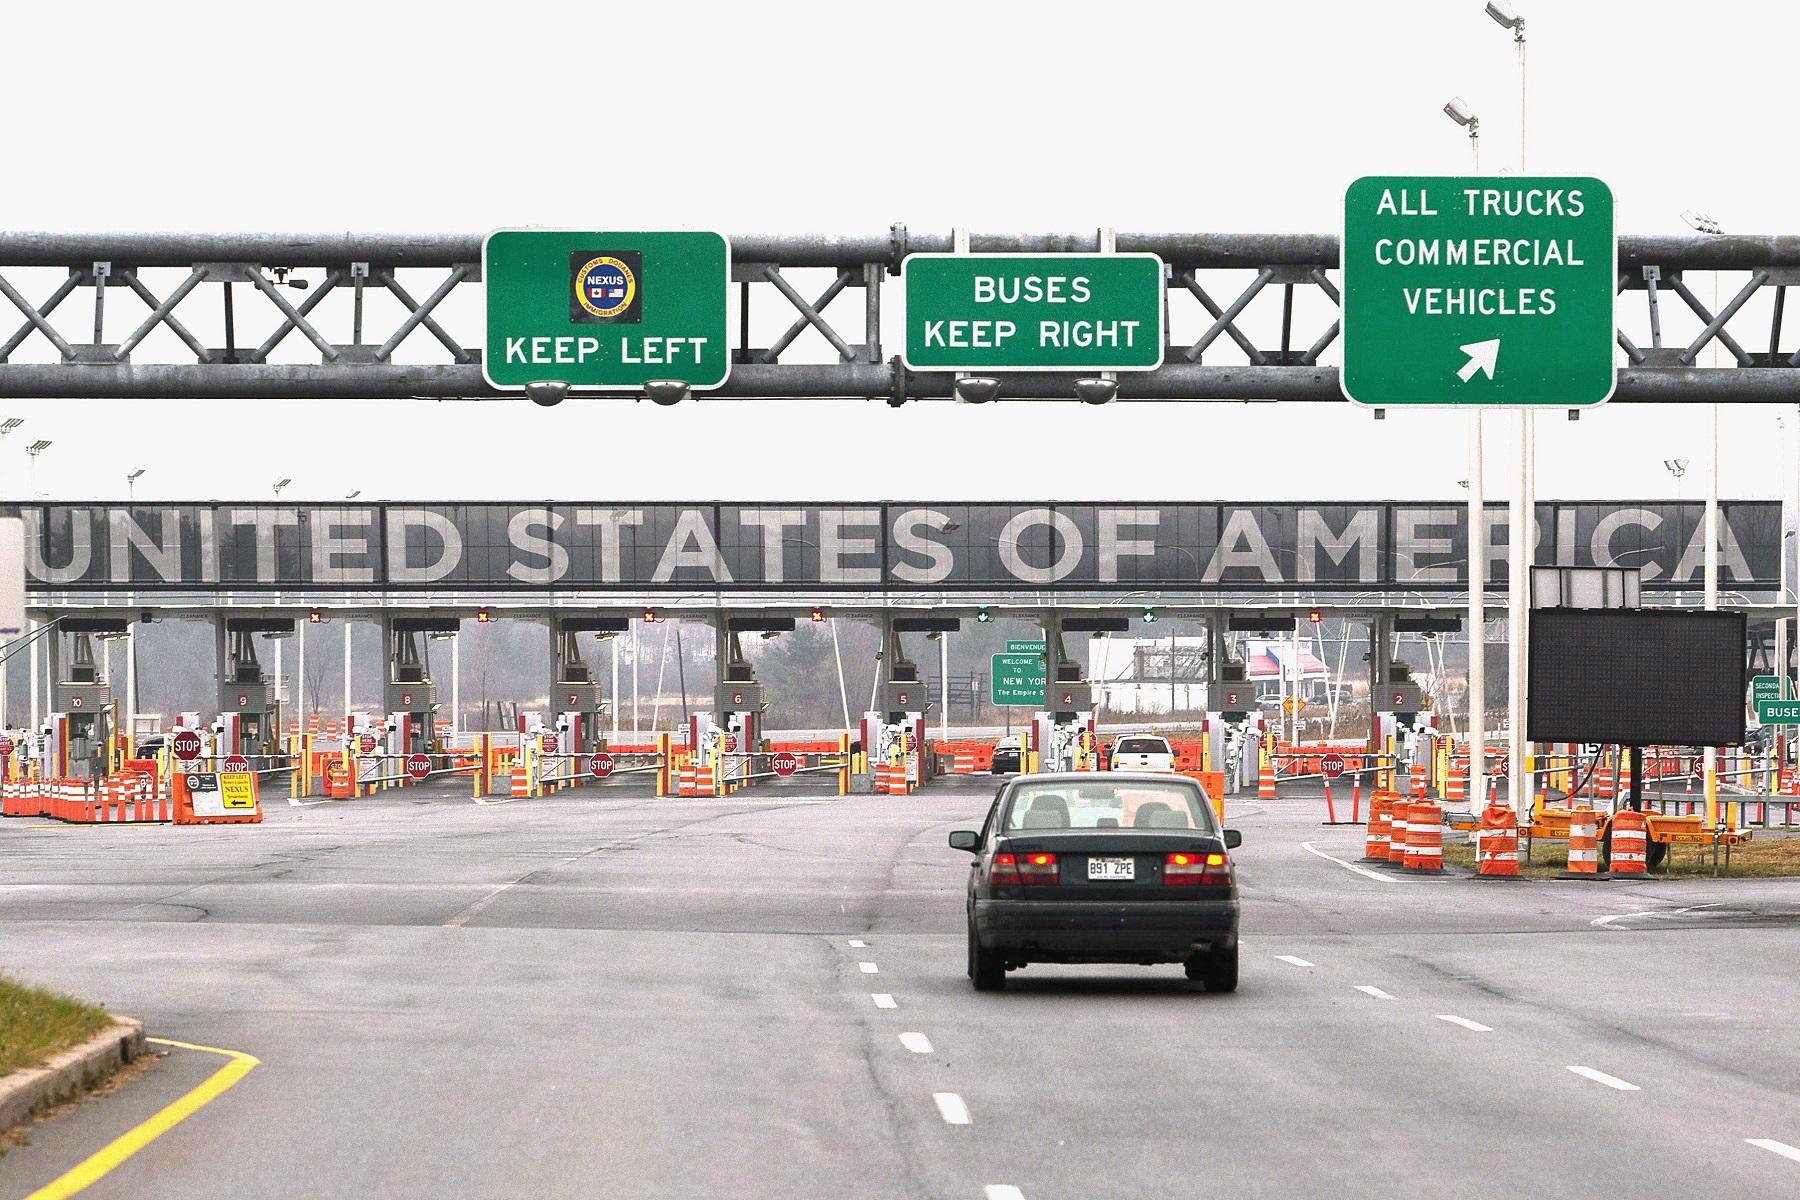 ΗΠΑ: Παρατείνουν το κλείσιμο των συνόρων με τον Καναδά και το Μεξικό έως τις 21 Οκτωβρίου